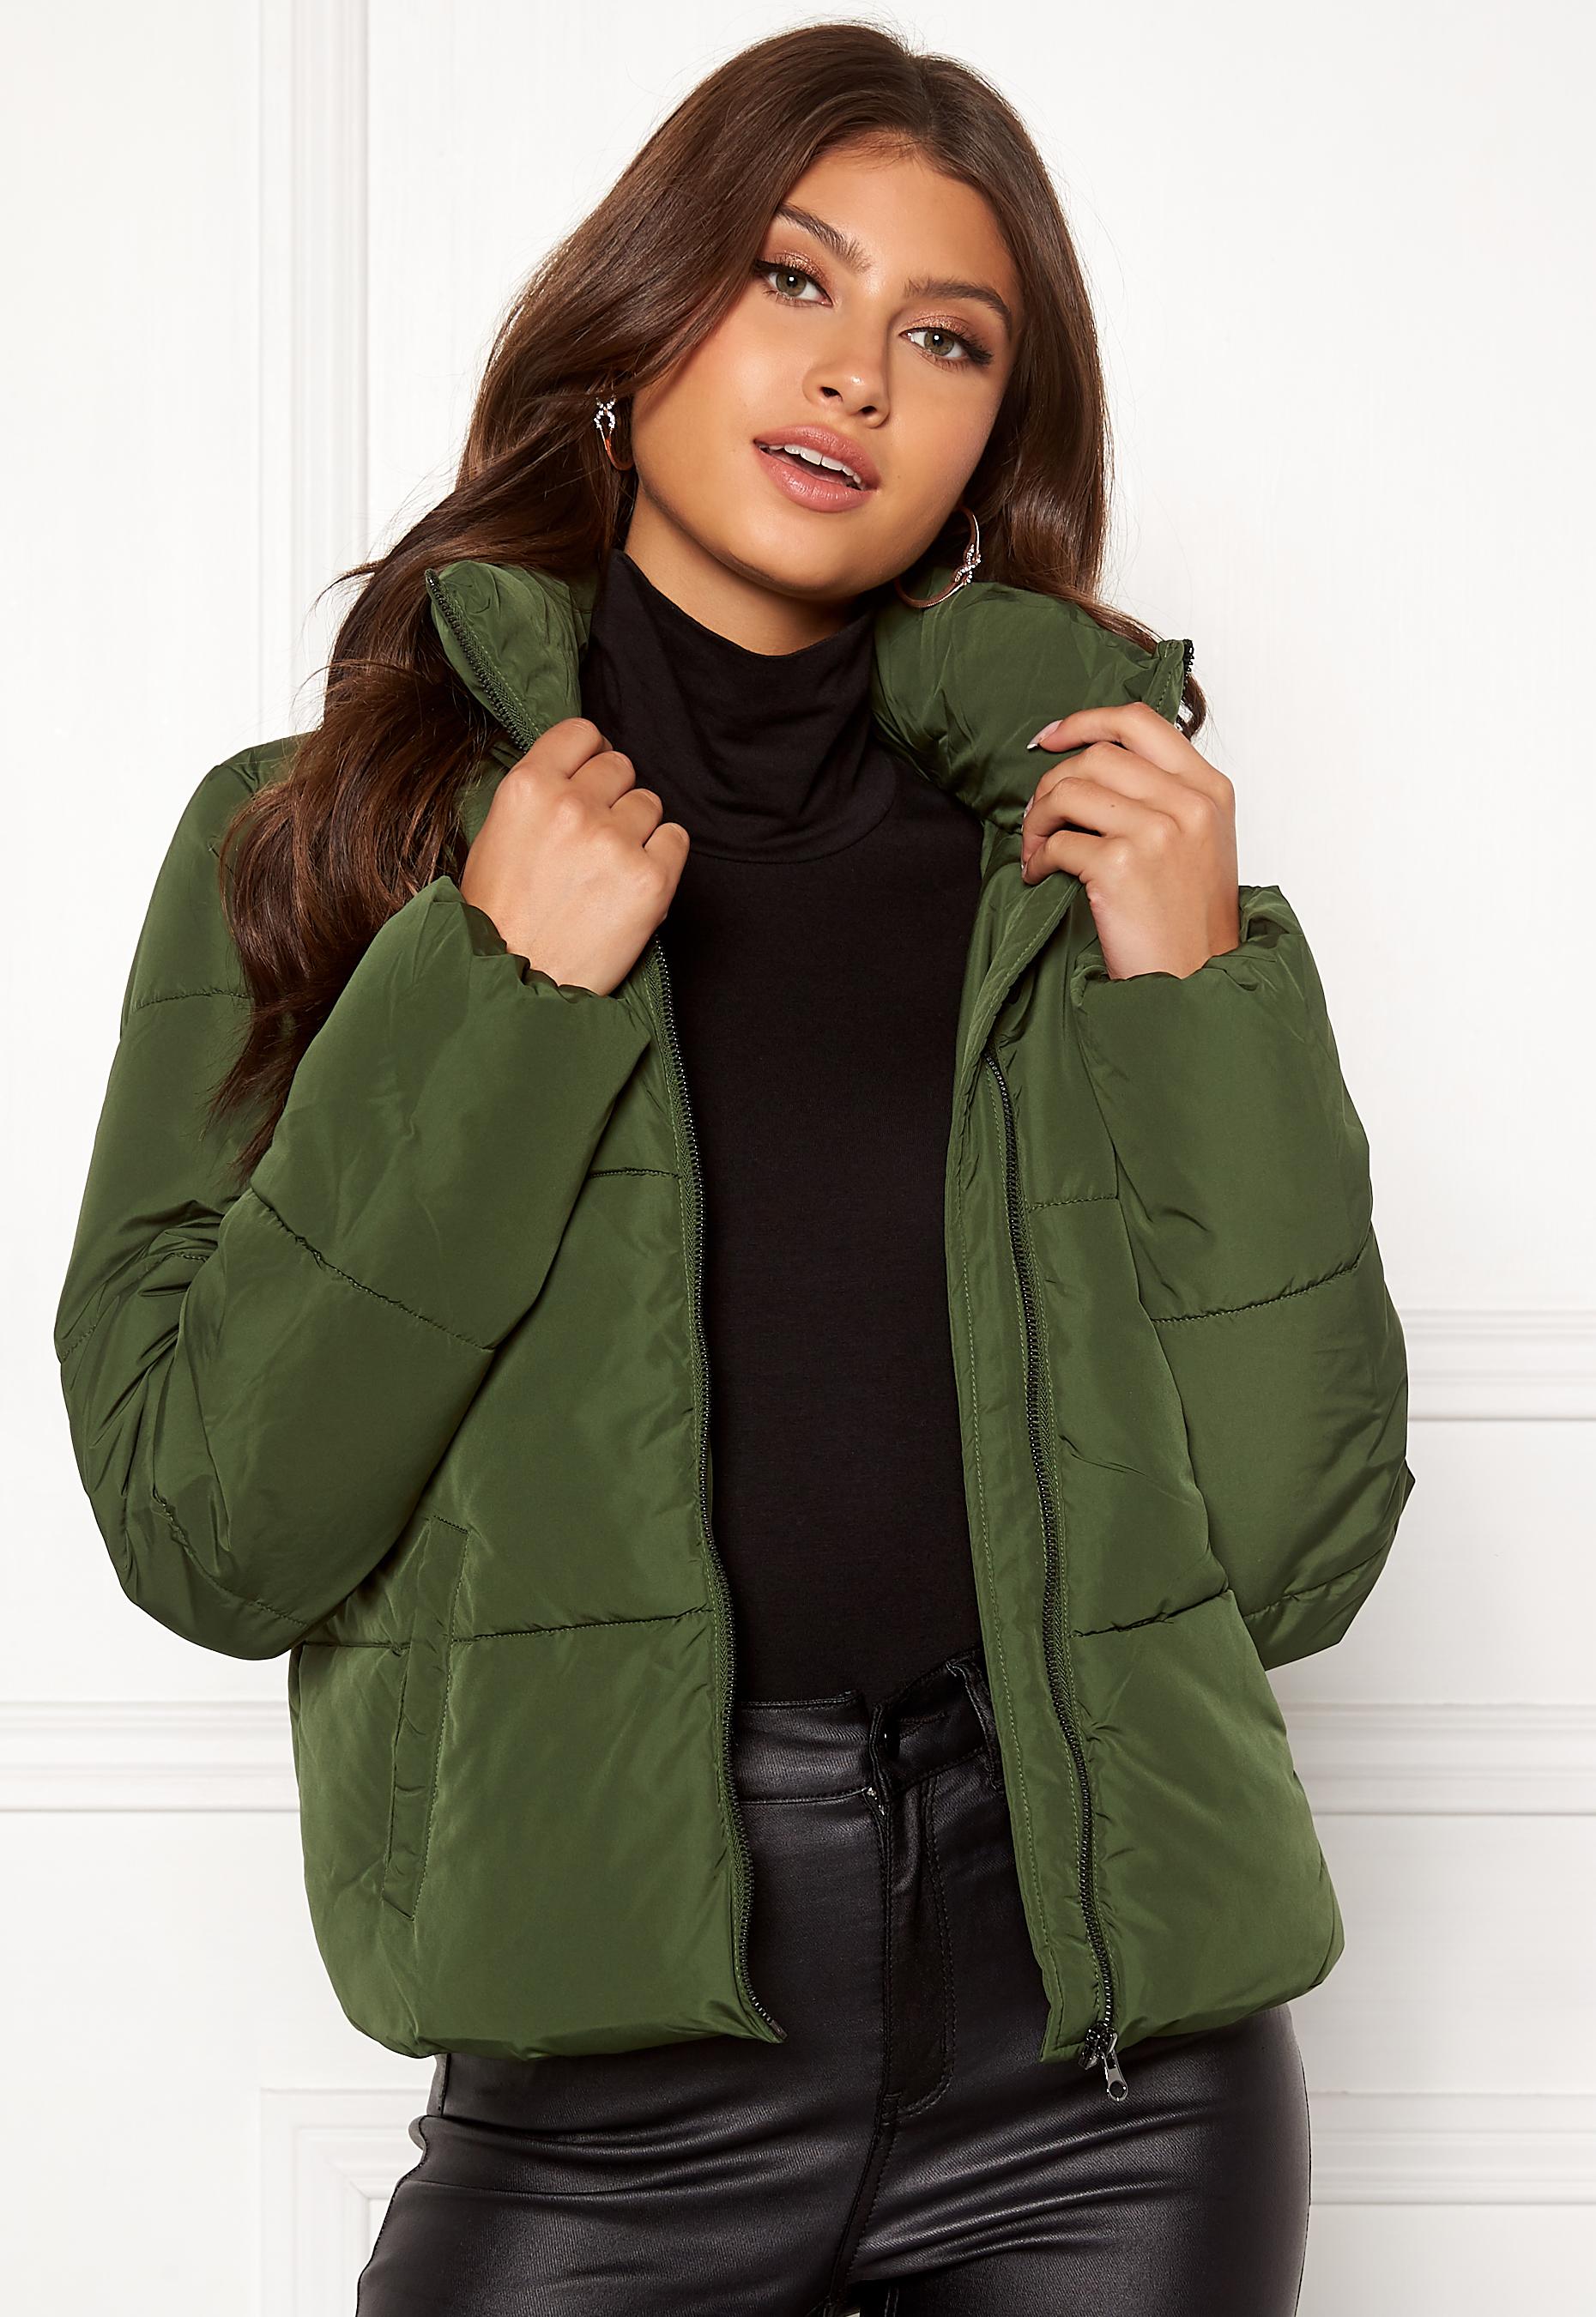 Short Padded Jacket Yong Rifle Green Jacqueline De Erica VUzqSMpG